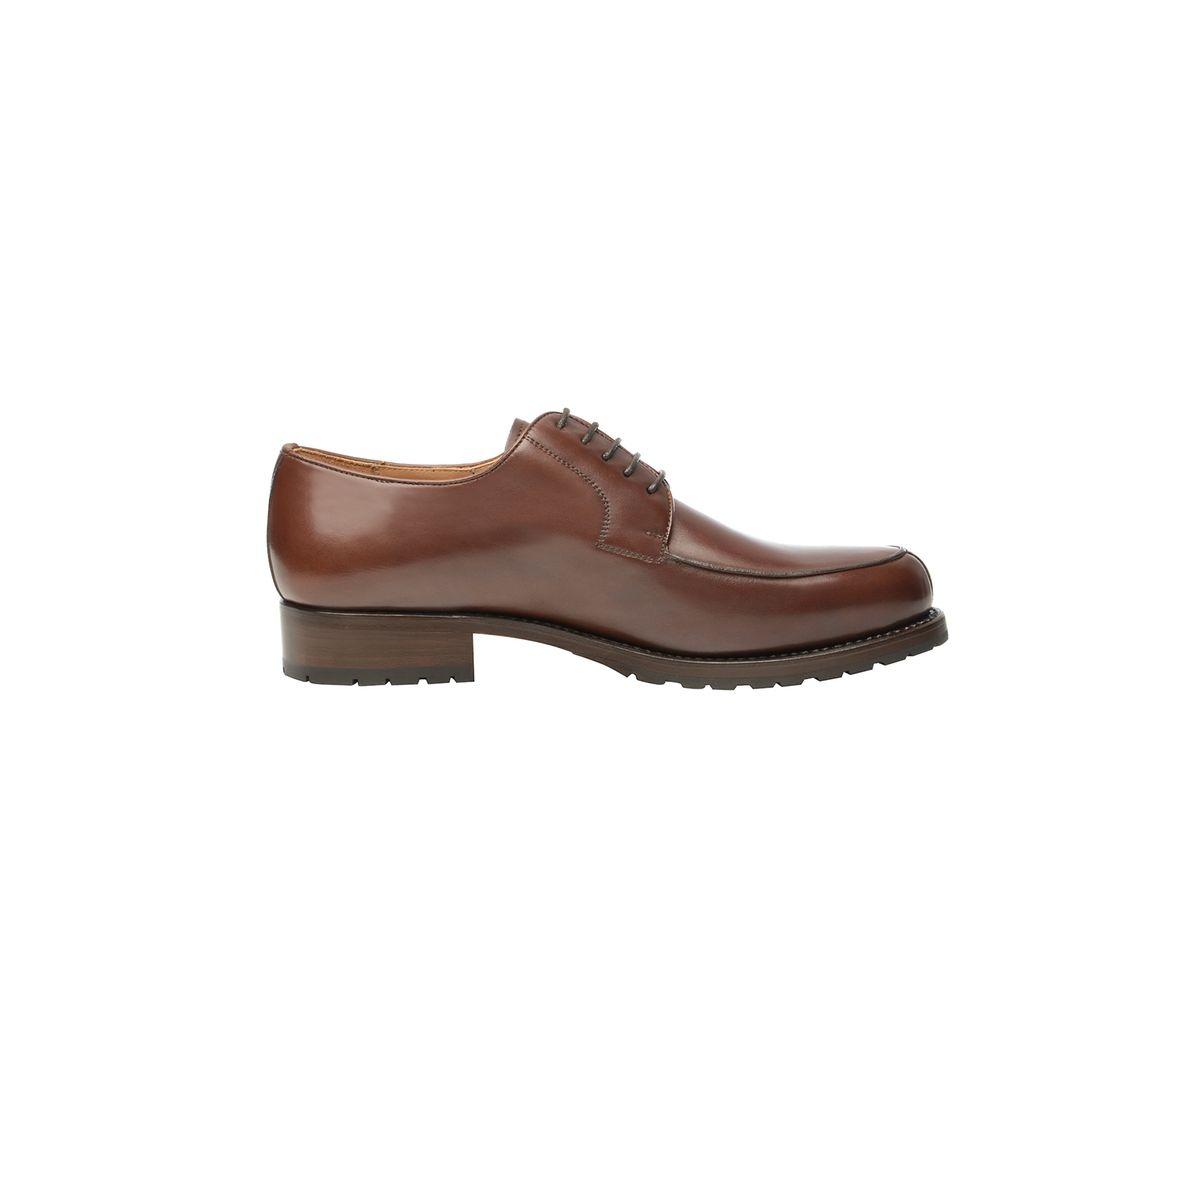 Chaussures de ville en Cuir N° 596